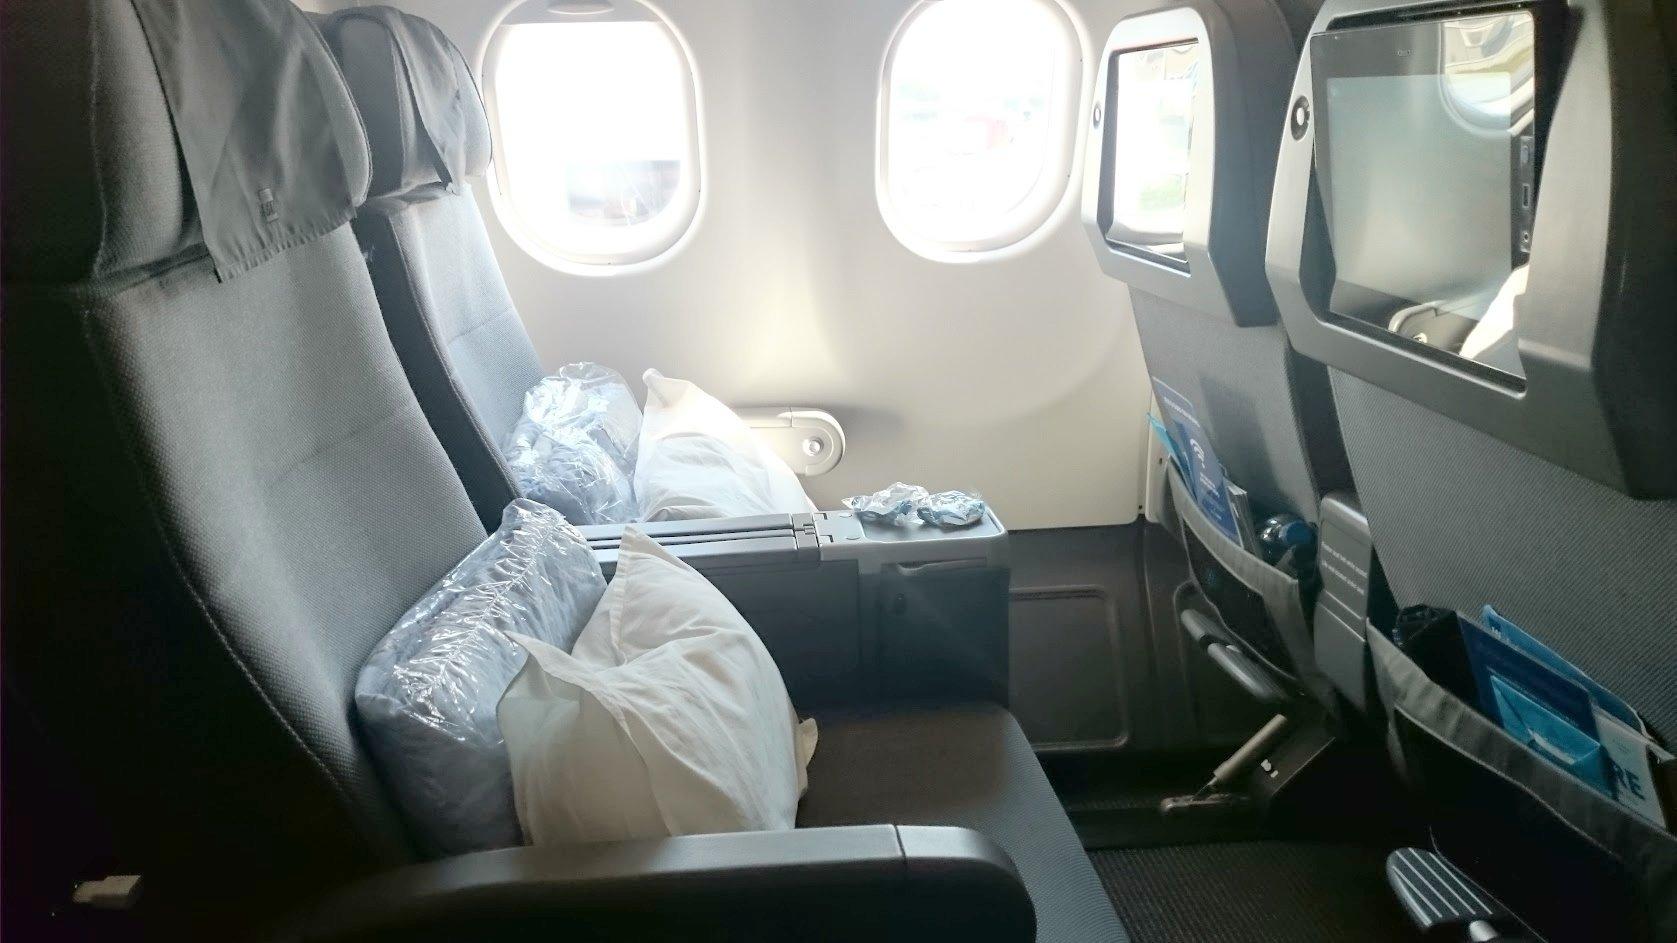 SAS Plus istuin matkustusluokka korotus kokemuksia